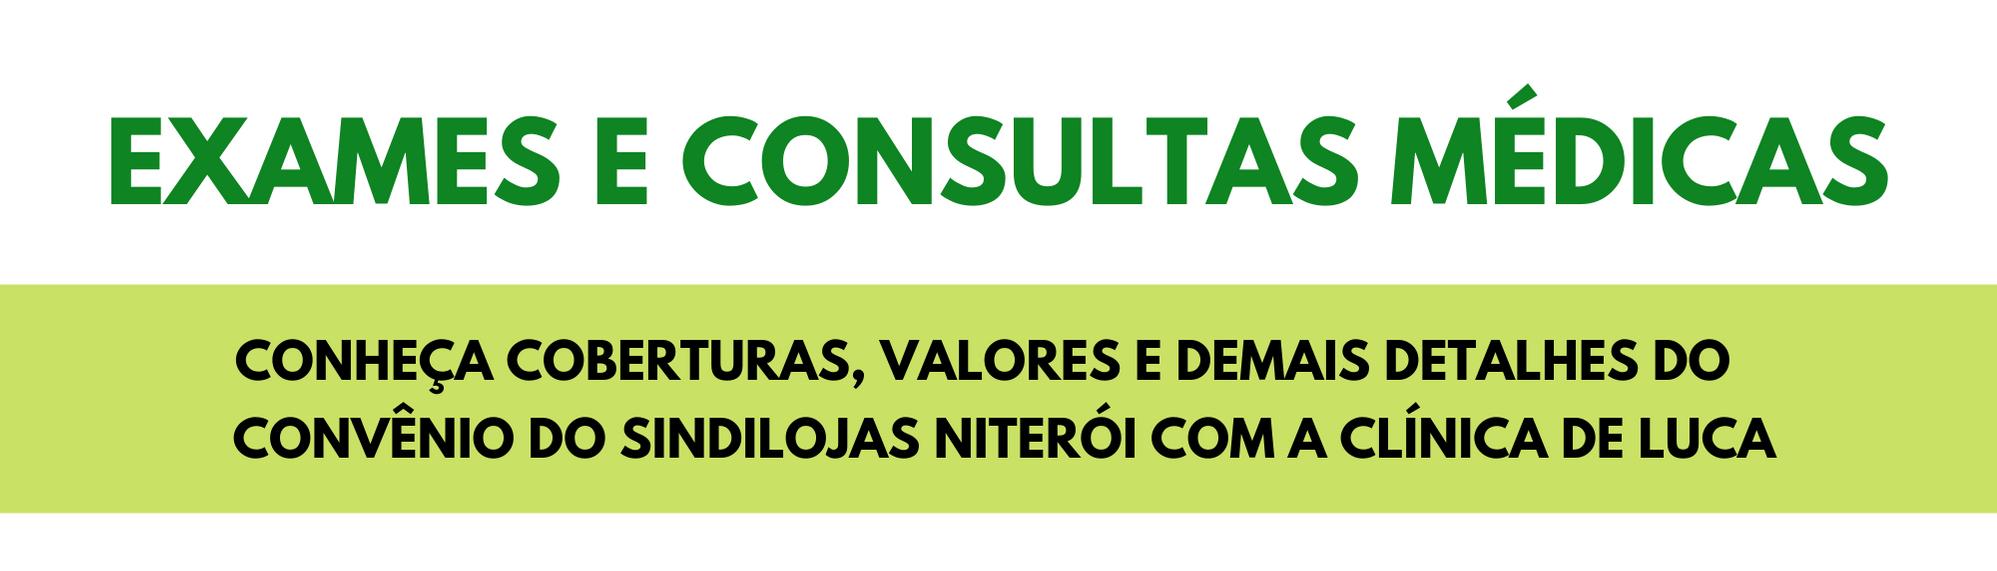 banner_exames_e_consultas